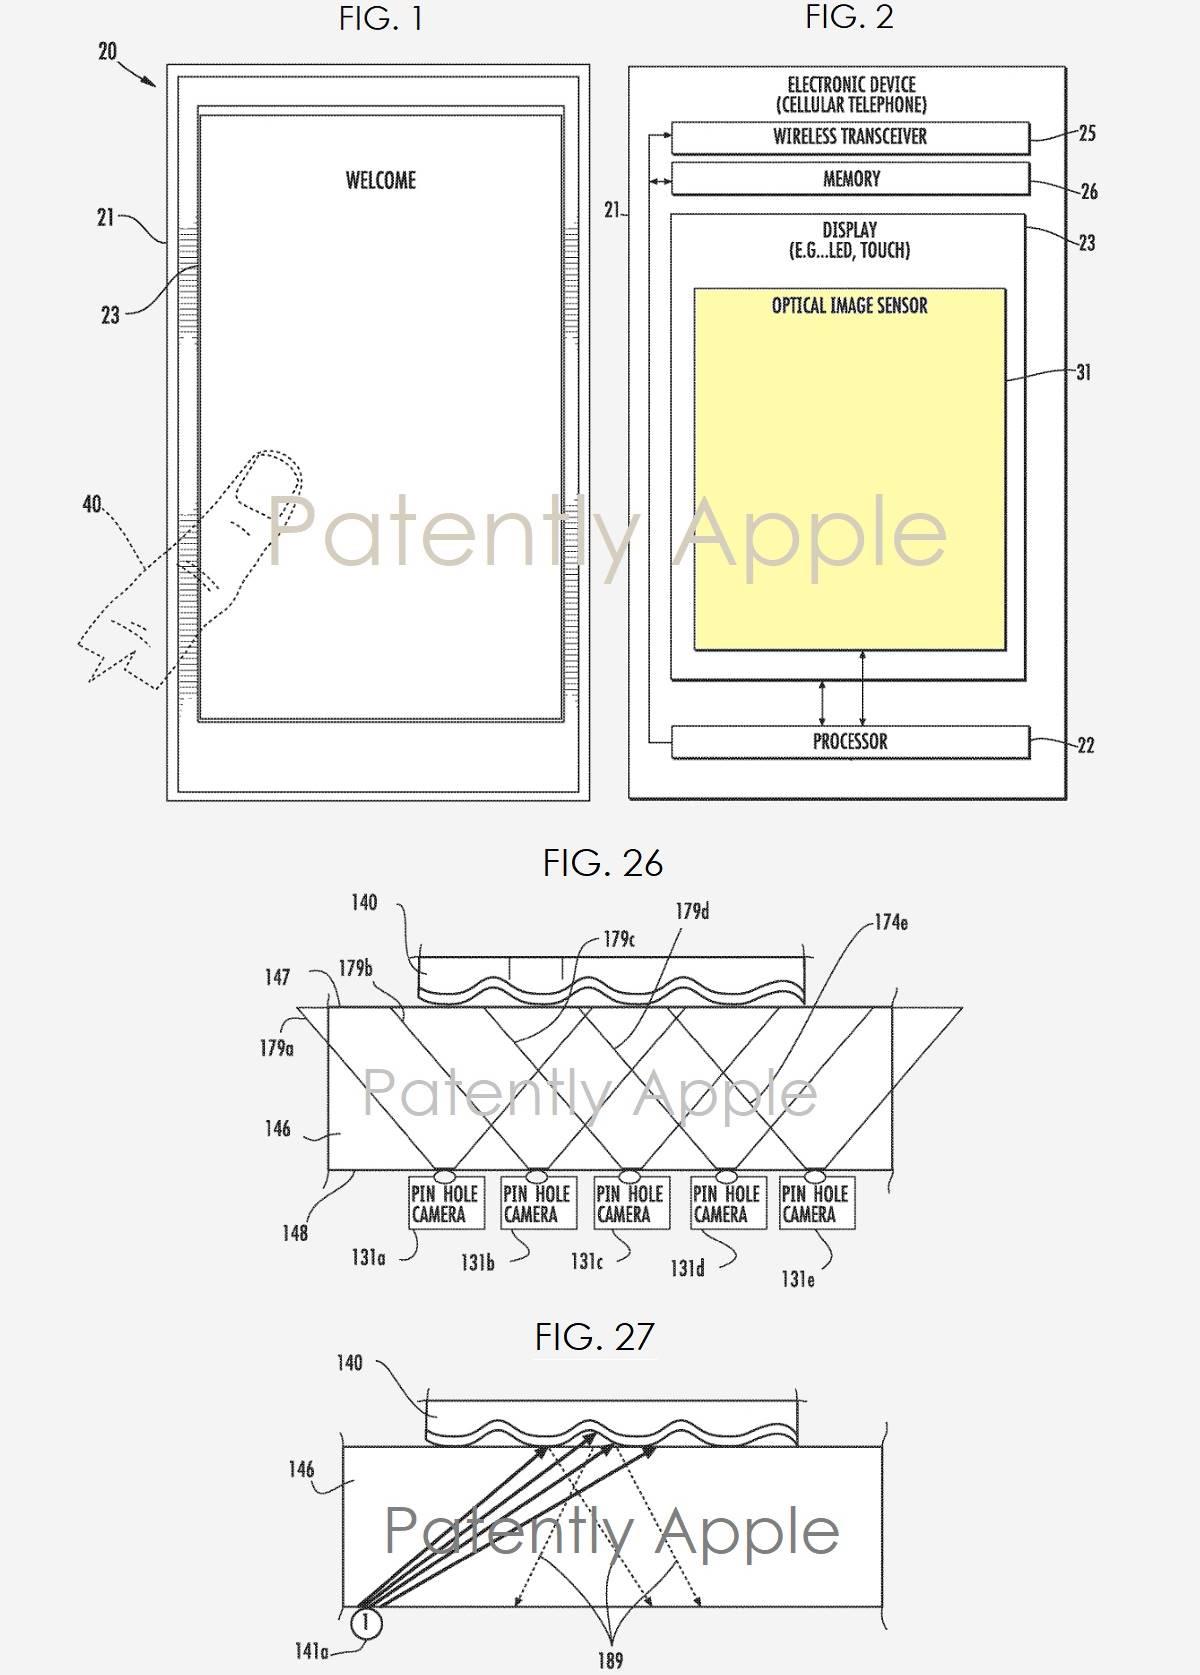 iPhone Apple Cititoare Amprente Ecran 1